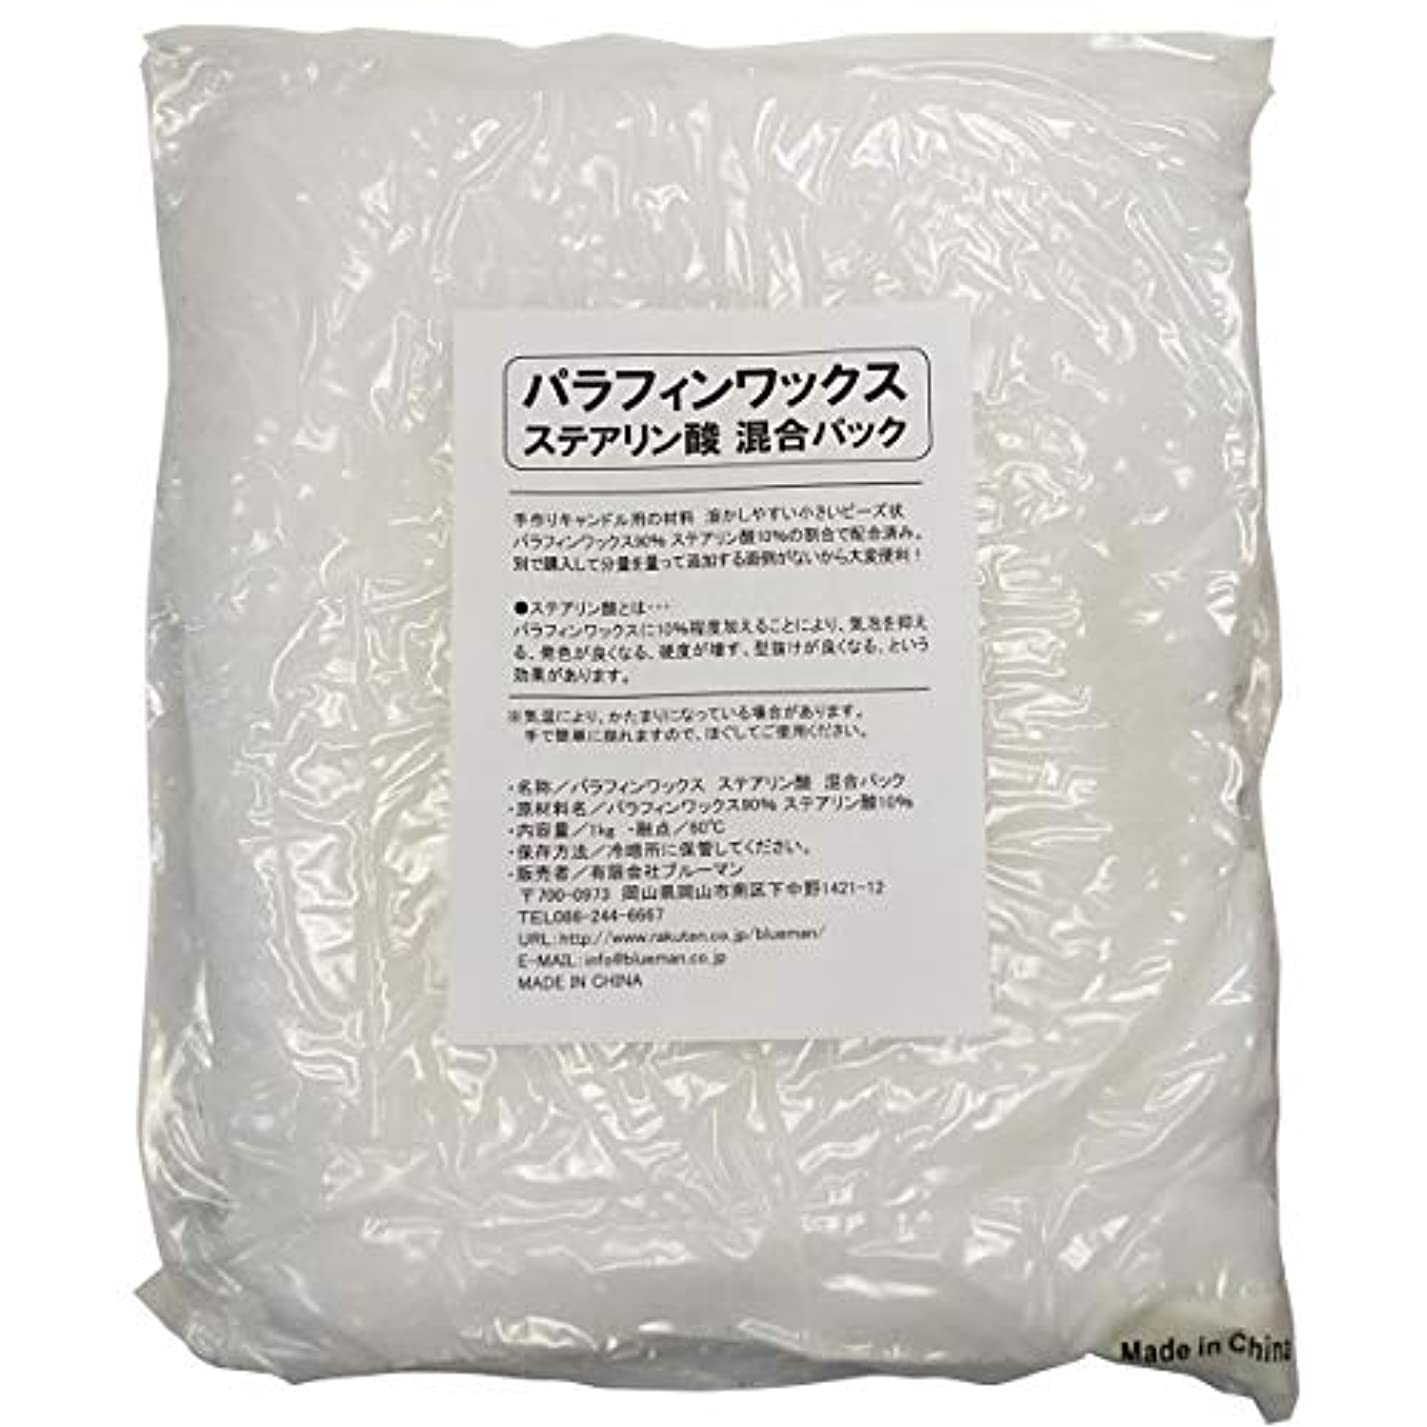 形容詞魅了する直立パラフィンワックス ステアリン酸 混合パック 1kg 手作りキャンドル 材料 1キロ アロマワックスサシェ